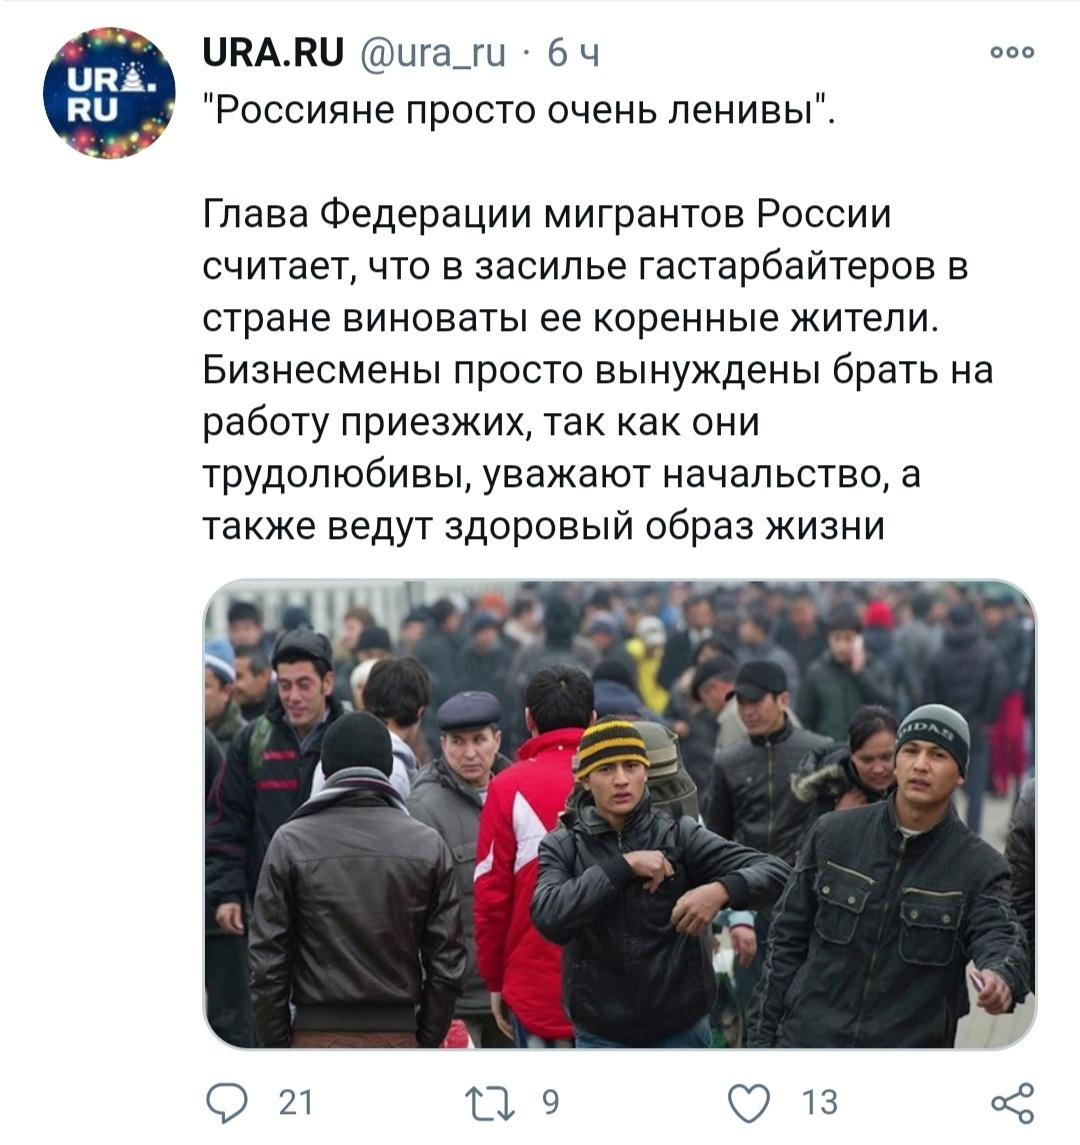 Русские слишком ленивы